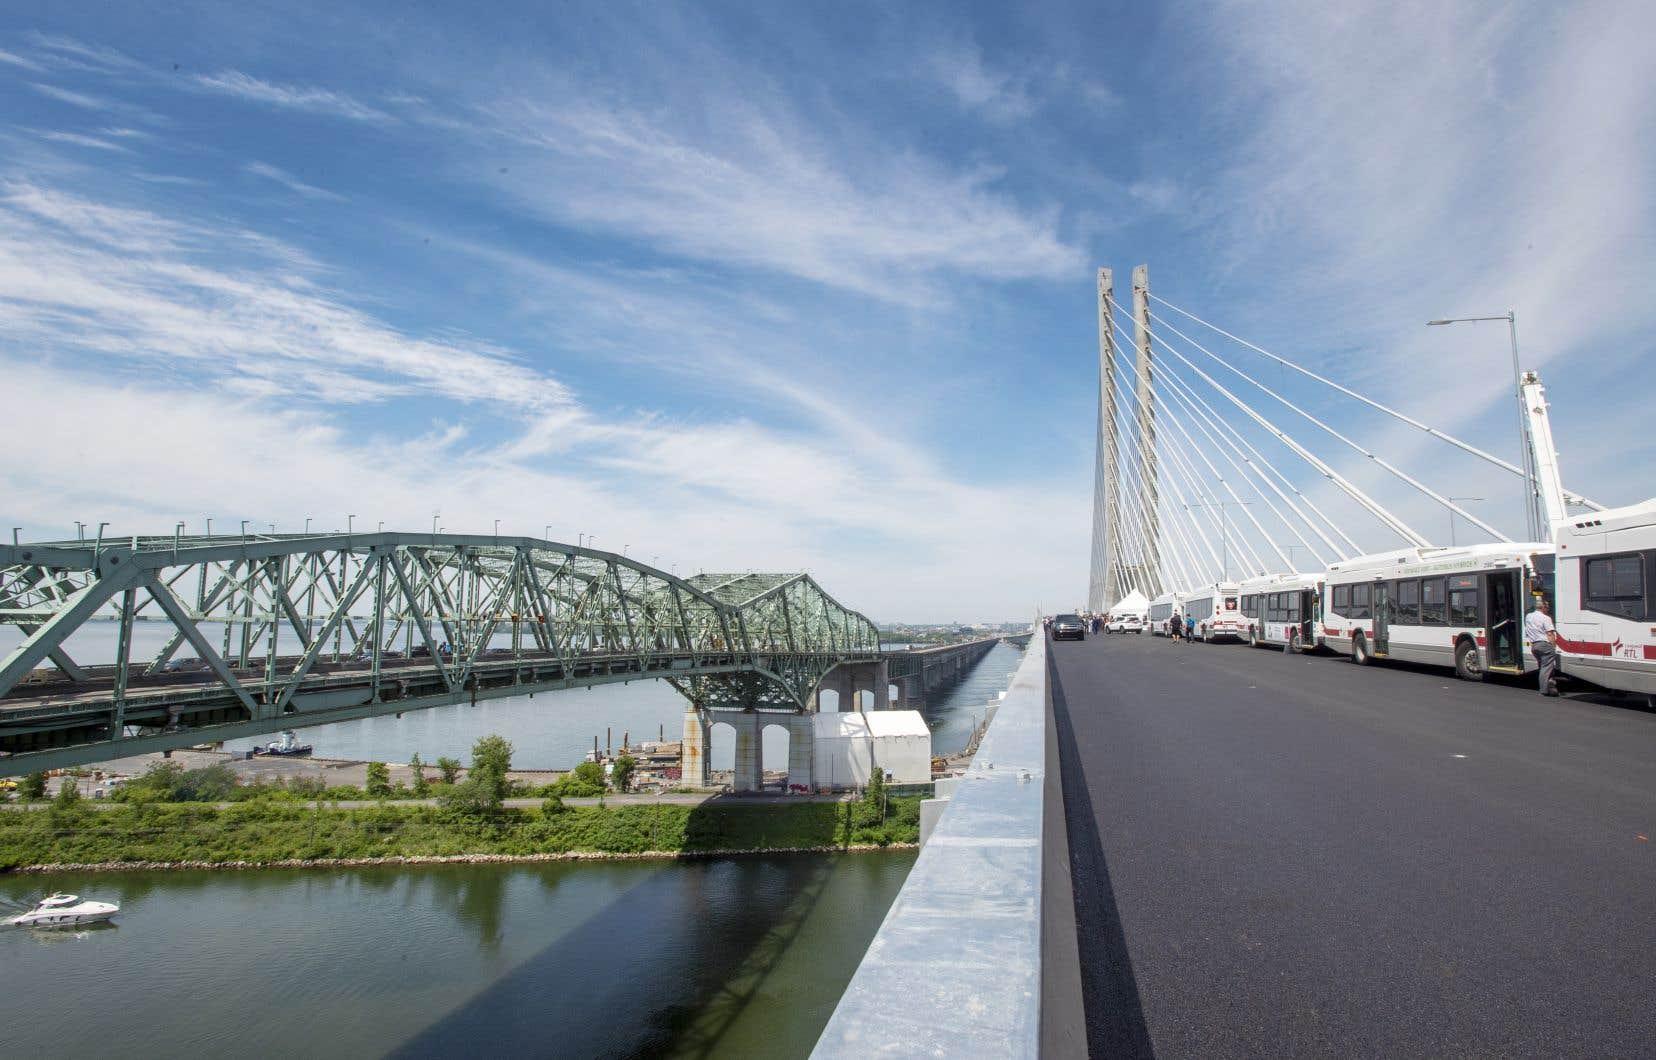 Le pont Champlain d'origine (qu'on voit ici à gauche) a été mis hors service le 28 juin dernier, 57 ans après son inauguration.